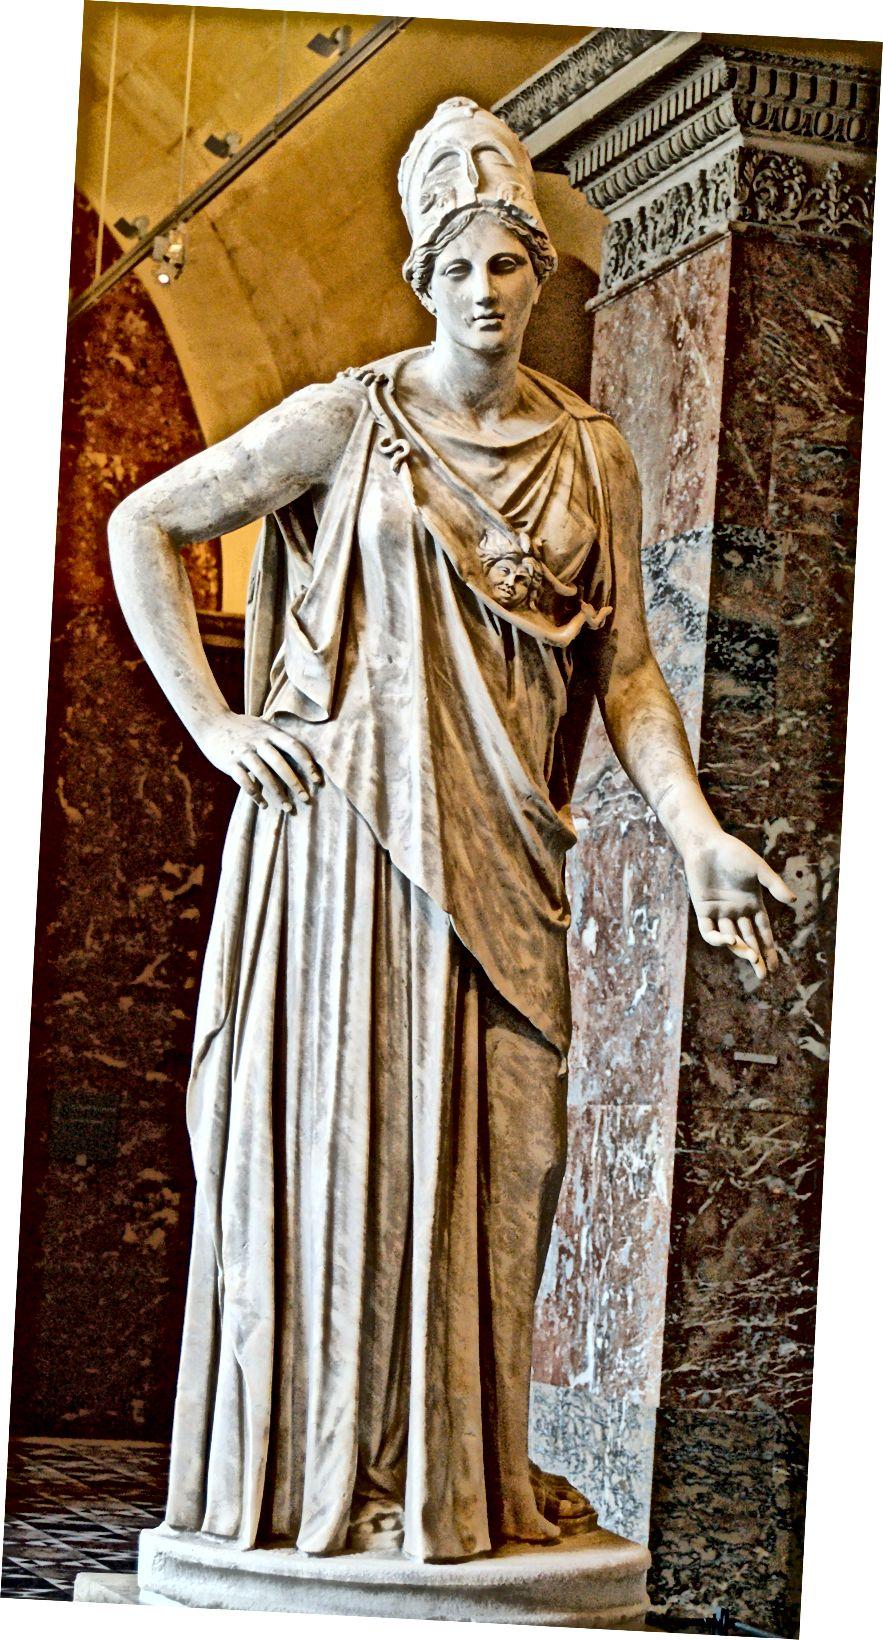 Mattei Athena im Louvre, ein Beispiel neoklassischer Tradition in der Darstellung von Frauen.